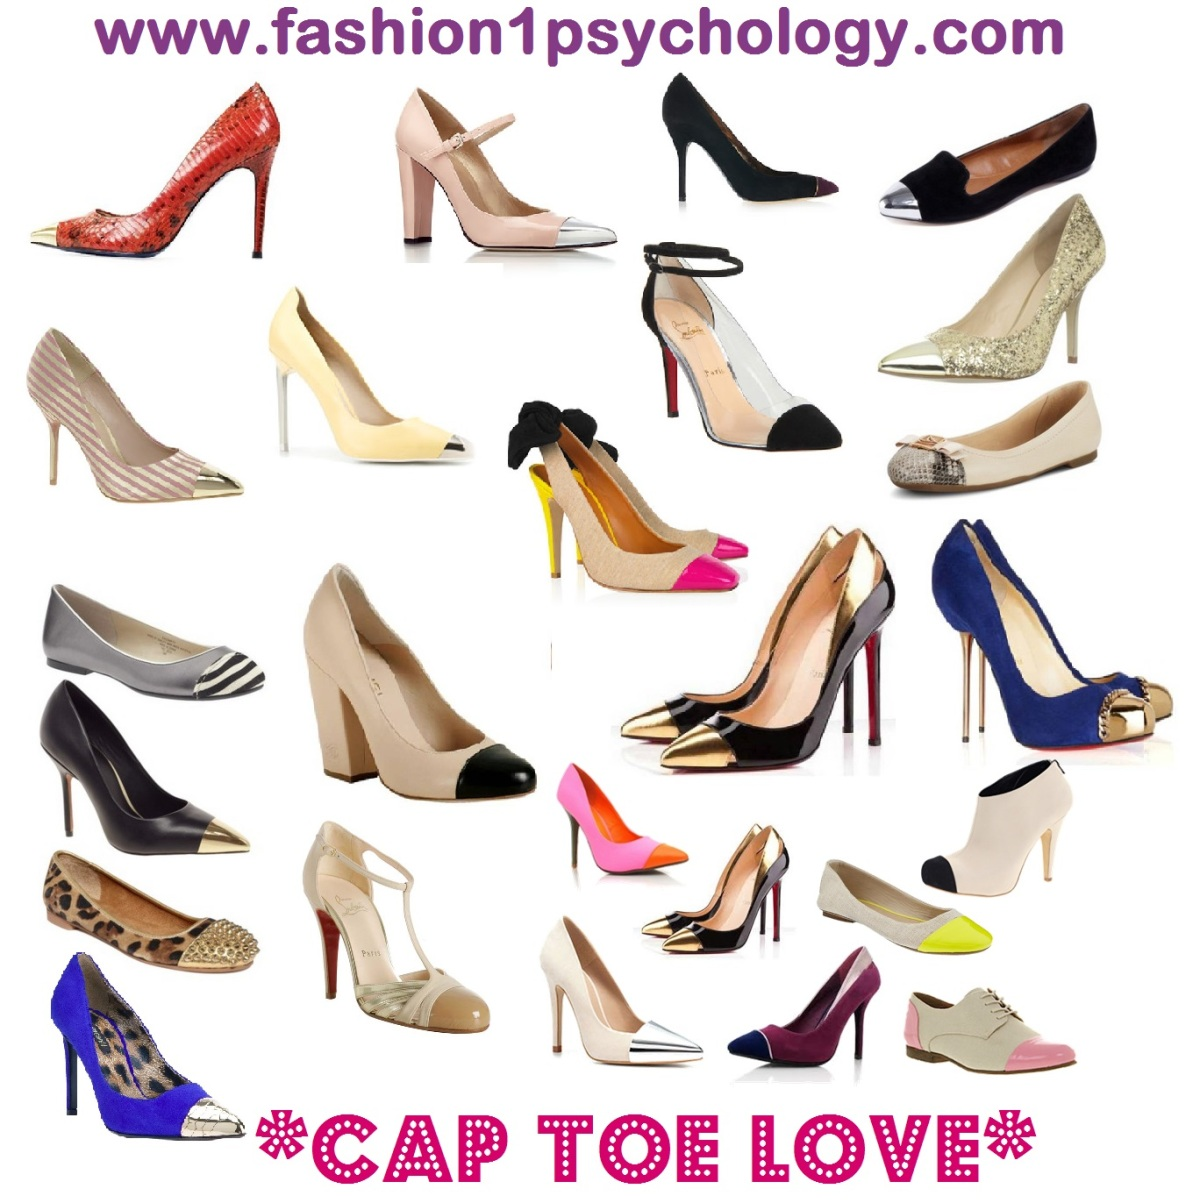 cap-toe-pumps